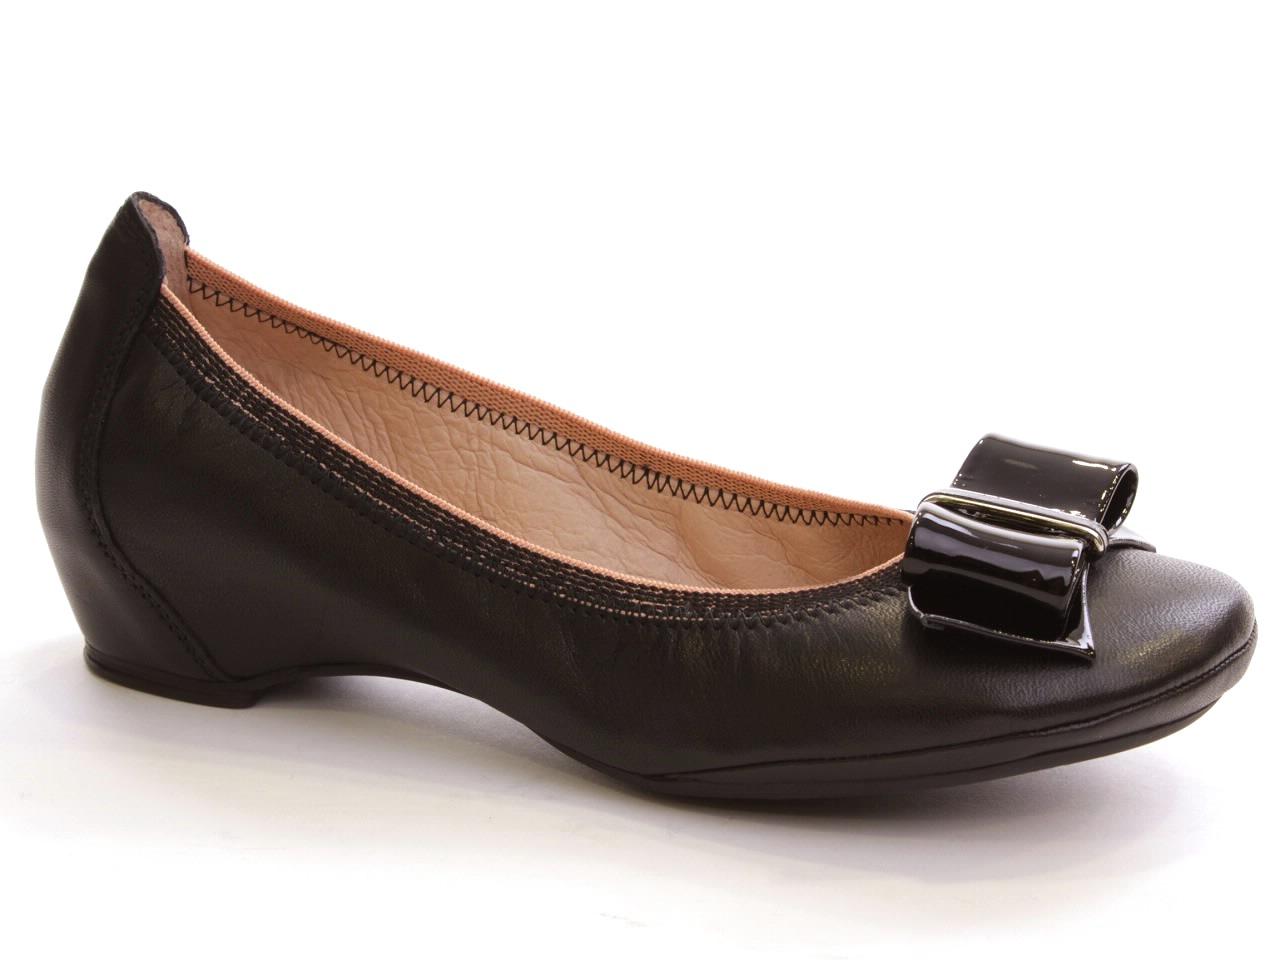 Chaussures à Talons Compensés Hispanitas - 165 HV51372